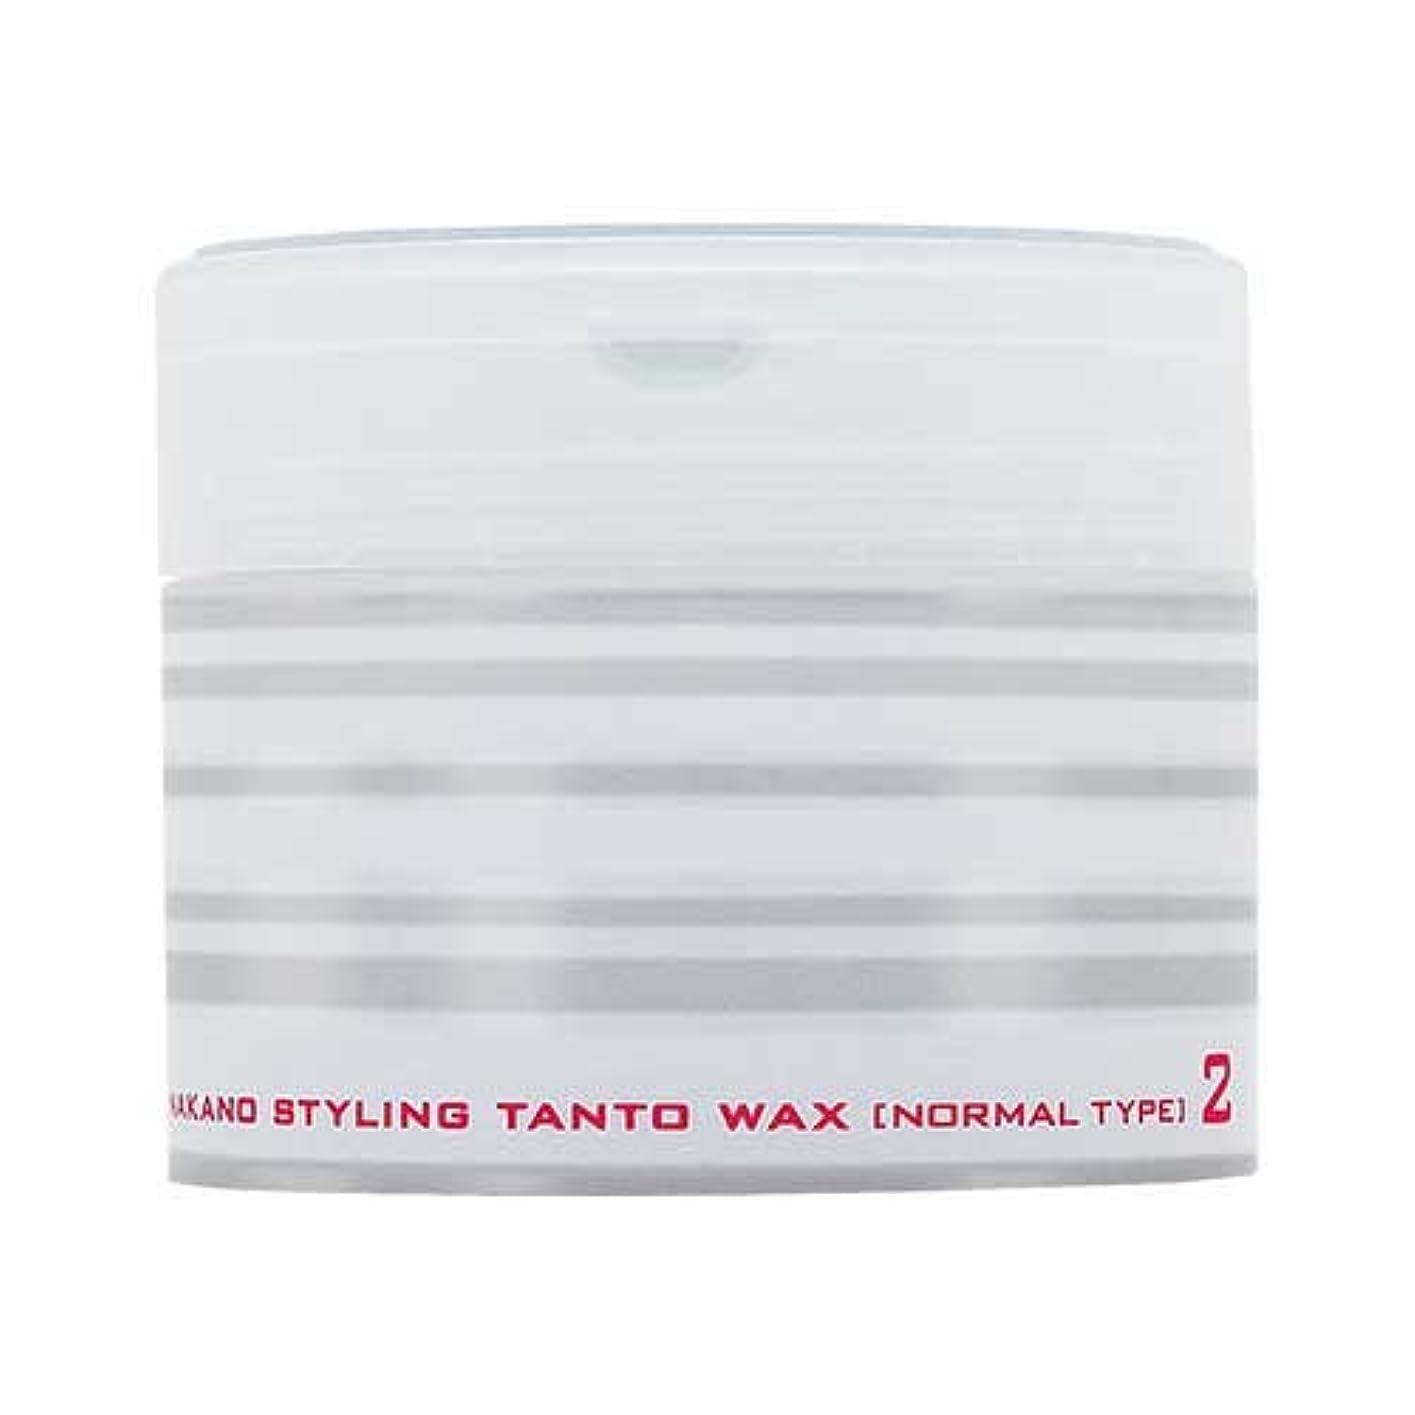 シードグレートバリアリーフ協同ナカノ スタイリング タントN ワックス 2 ノーマルタイプ 90g 中野製薬 NAKANO